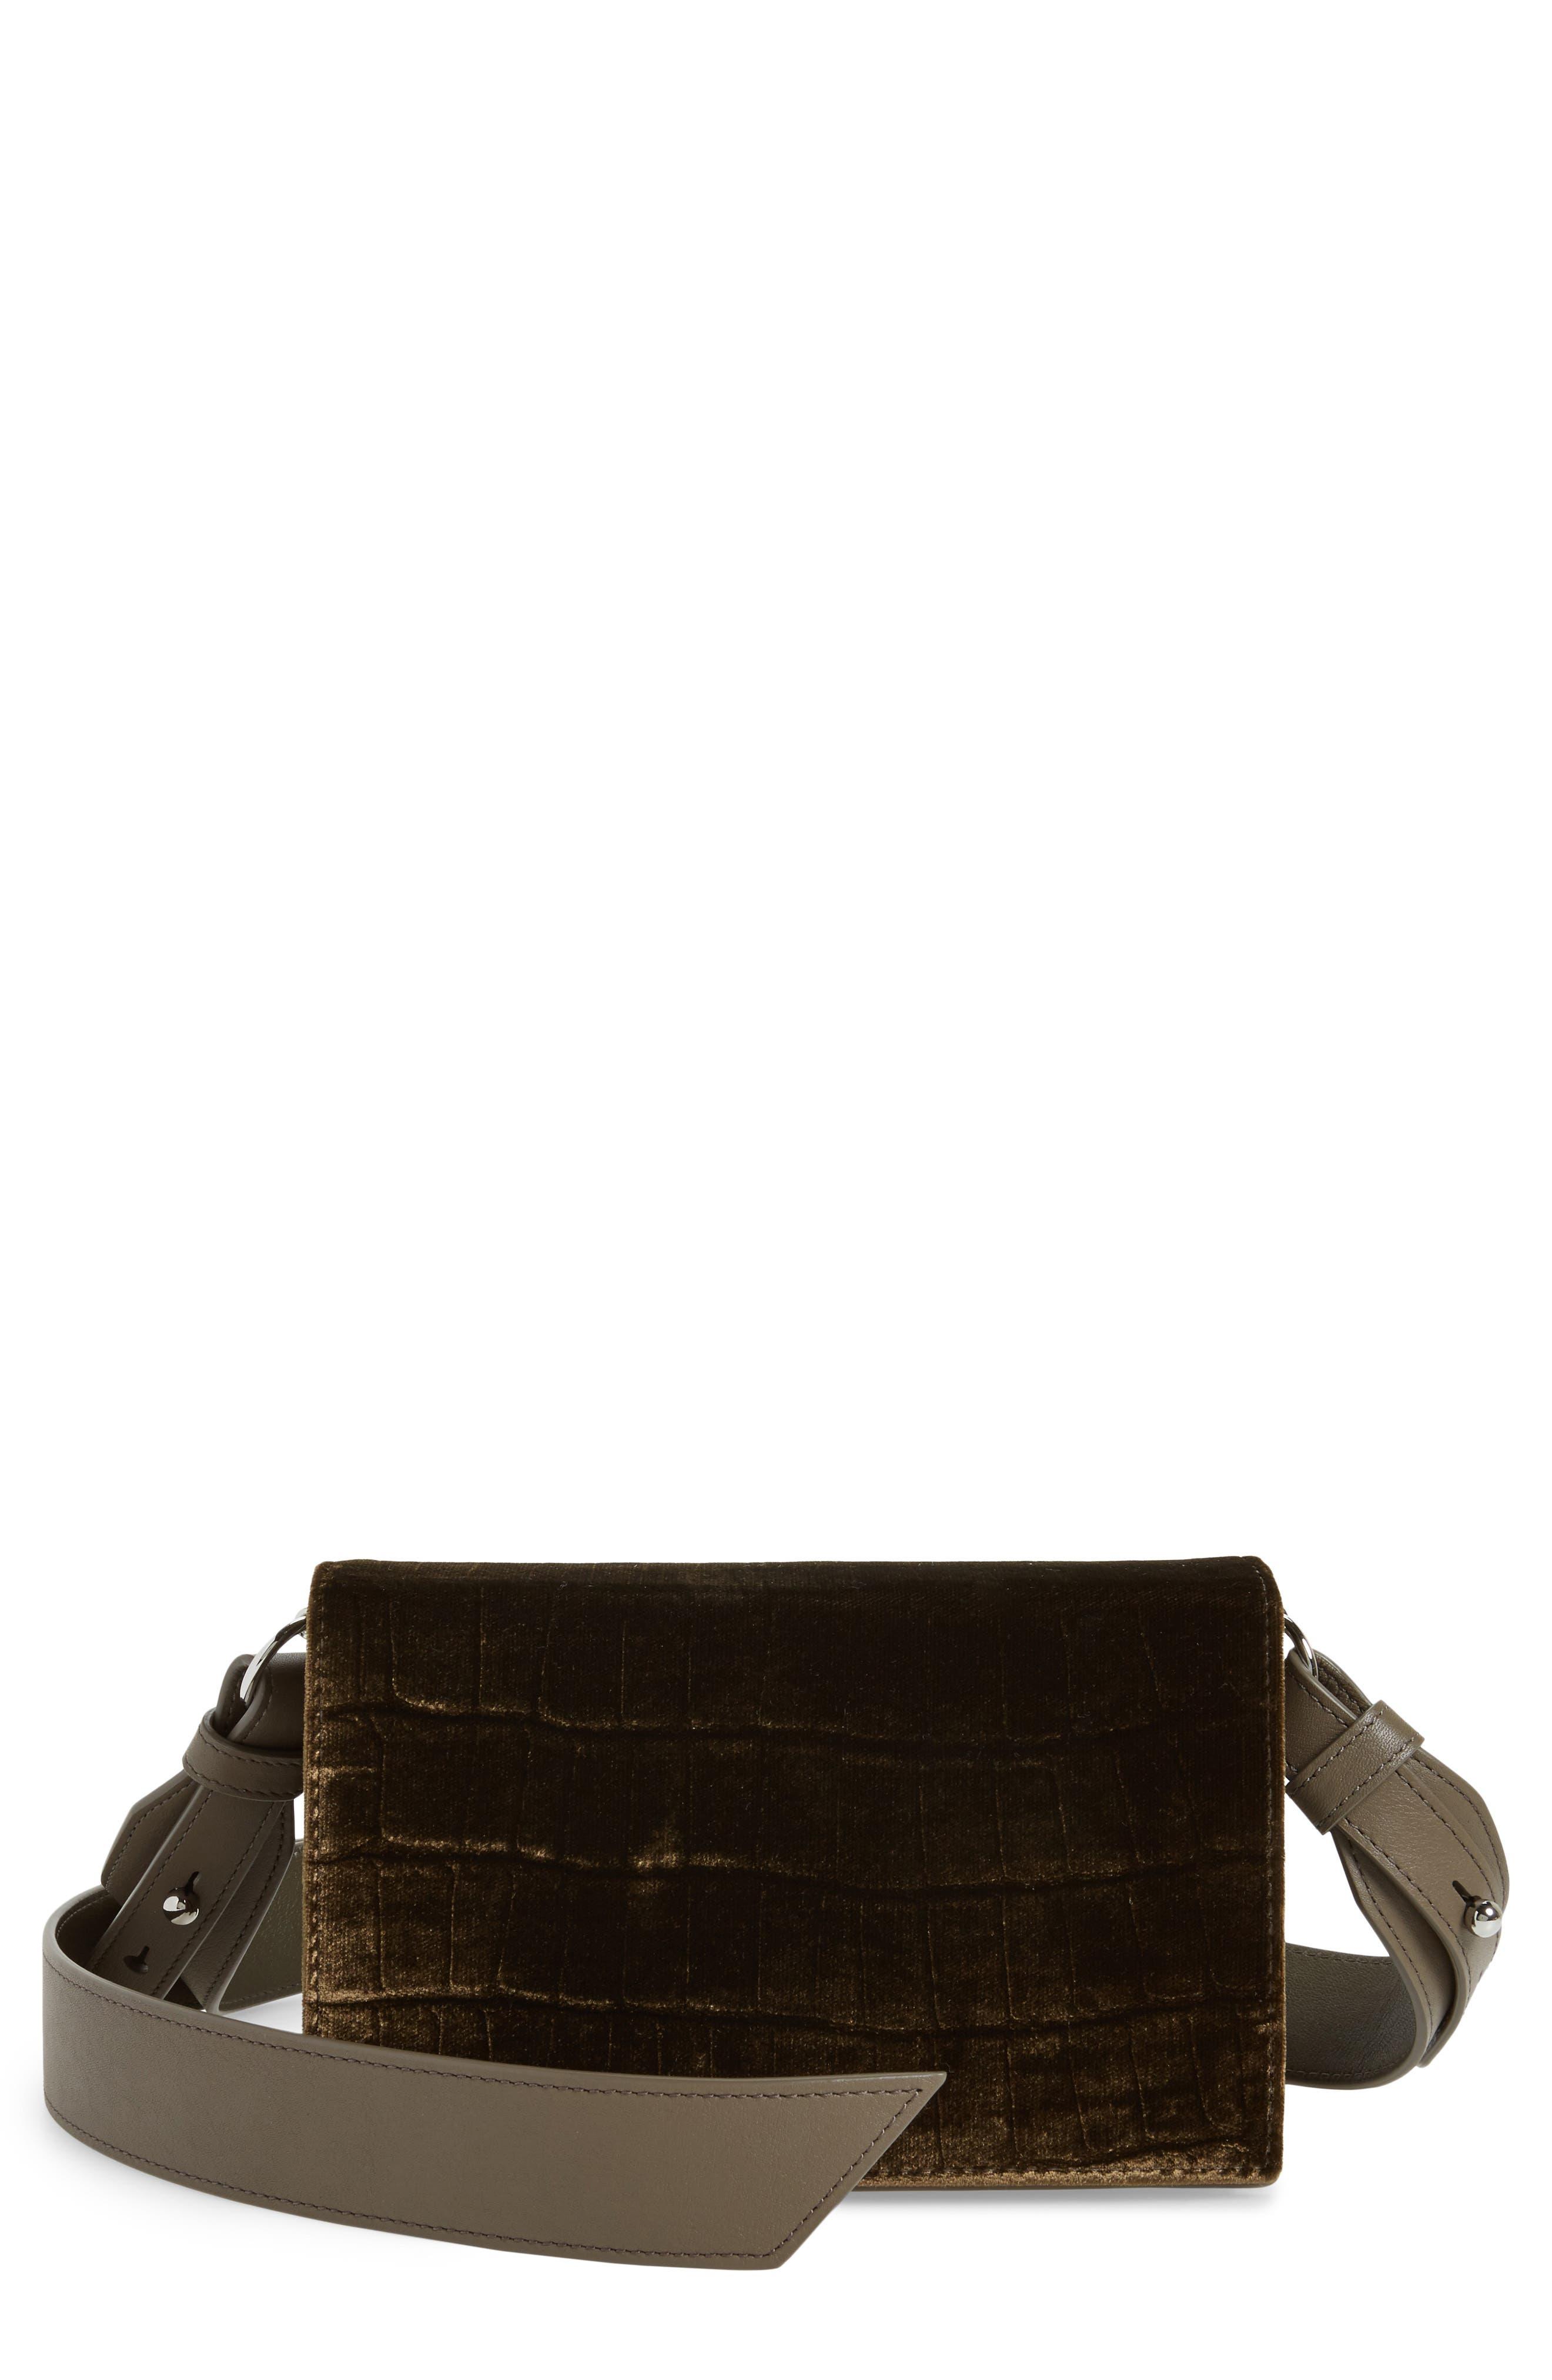 Allsaints Shoulder bags KEEL SHOULDER BAG - GREY